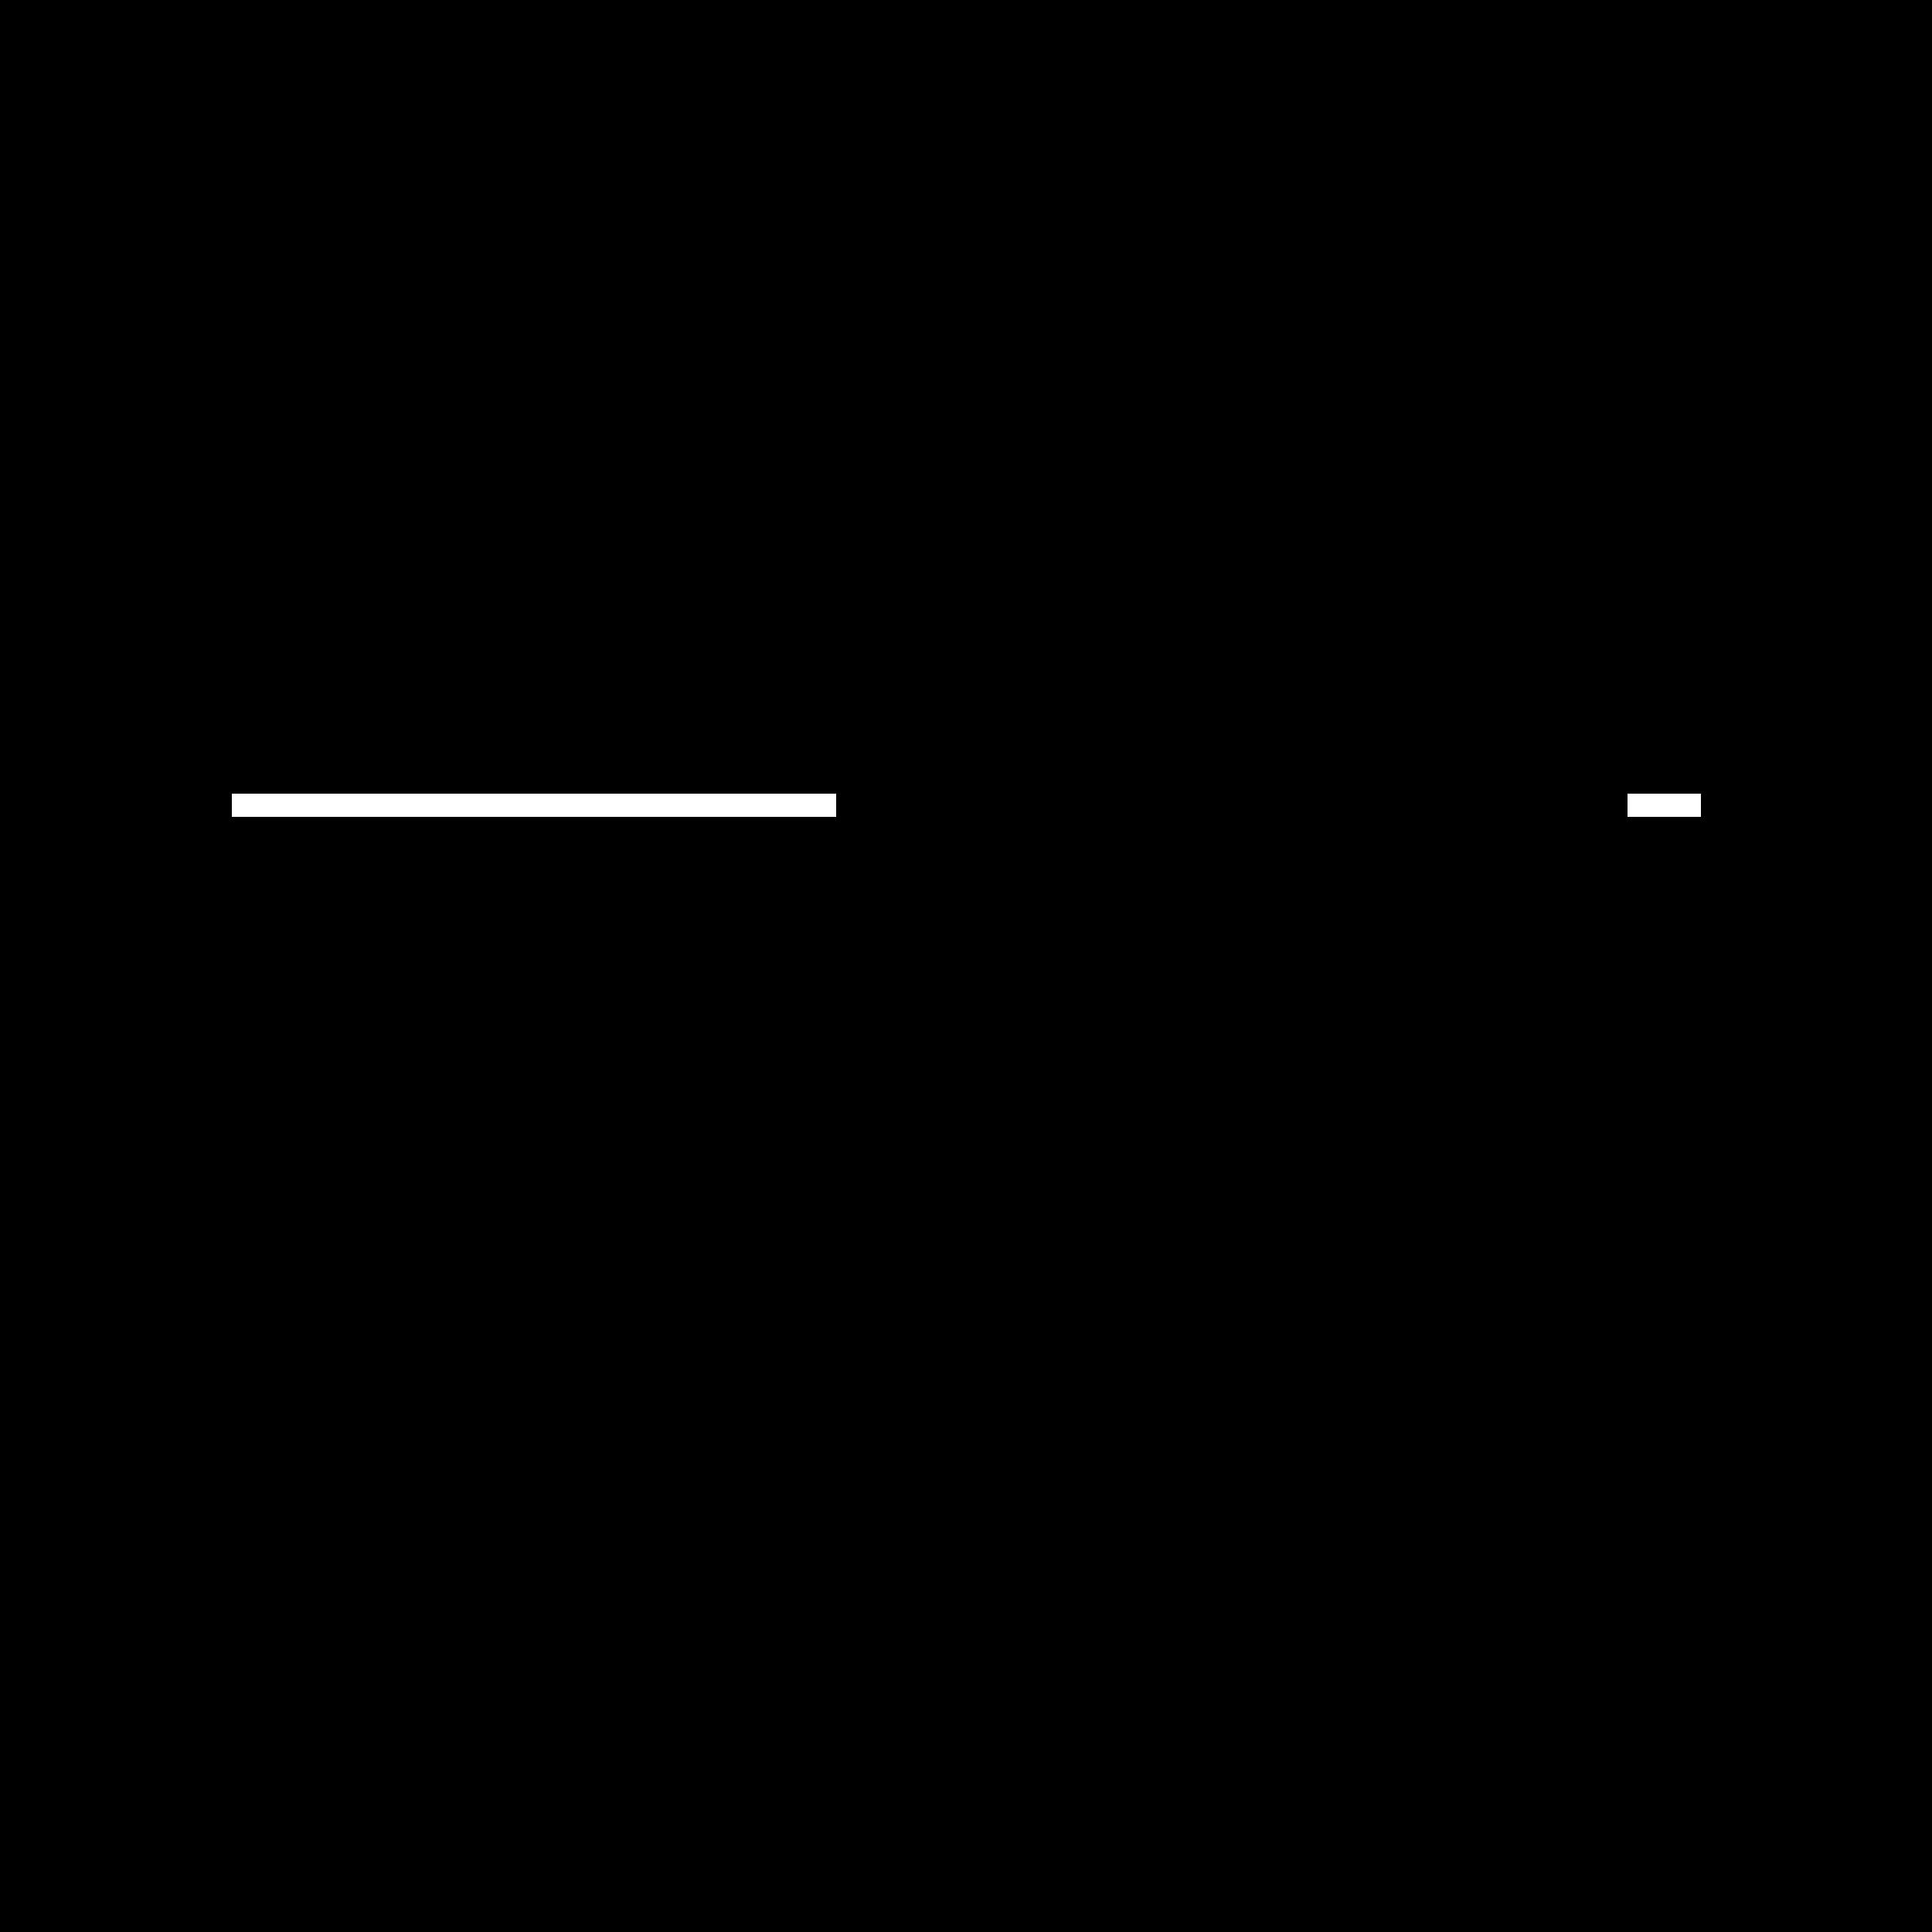 Reky logo